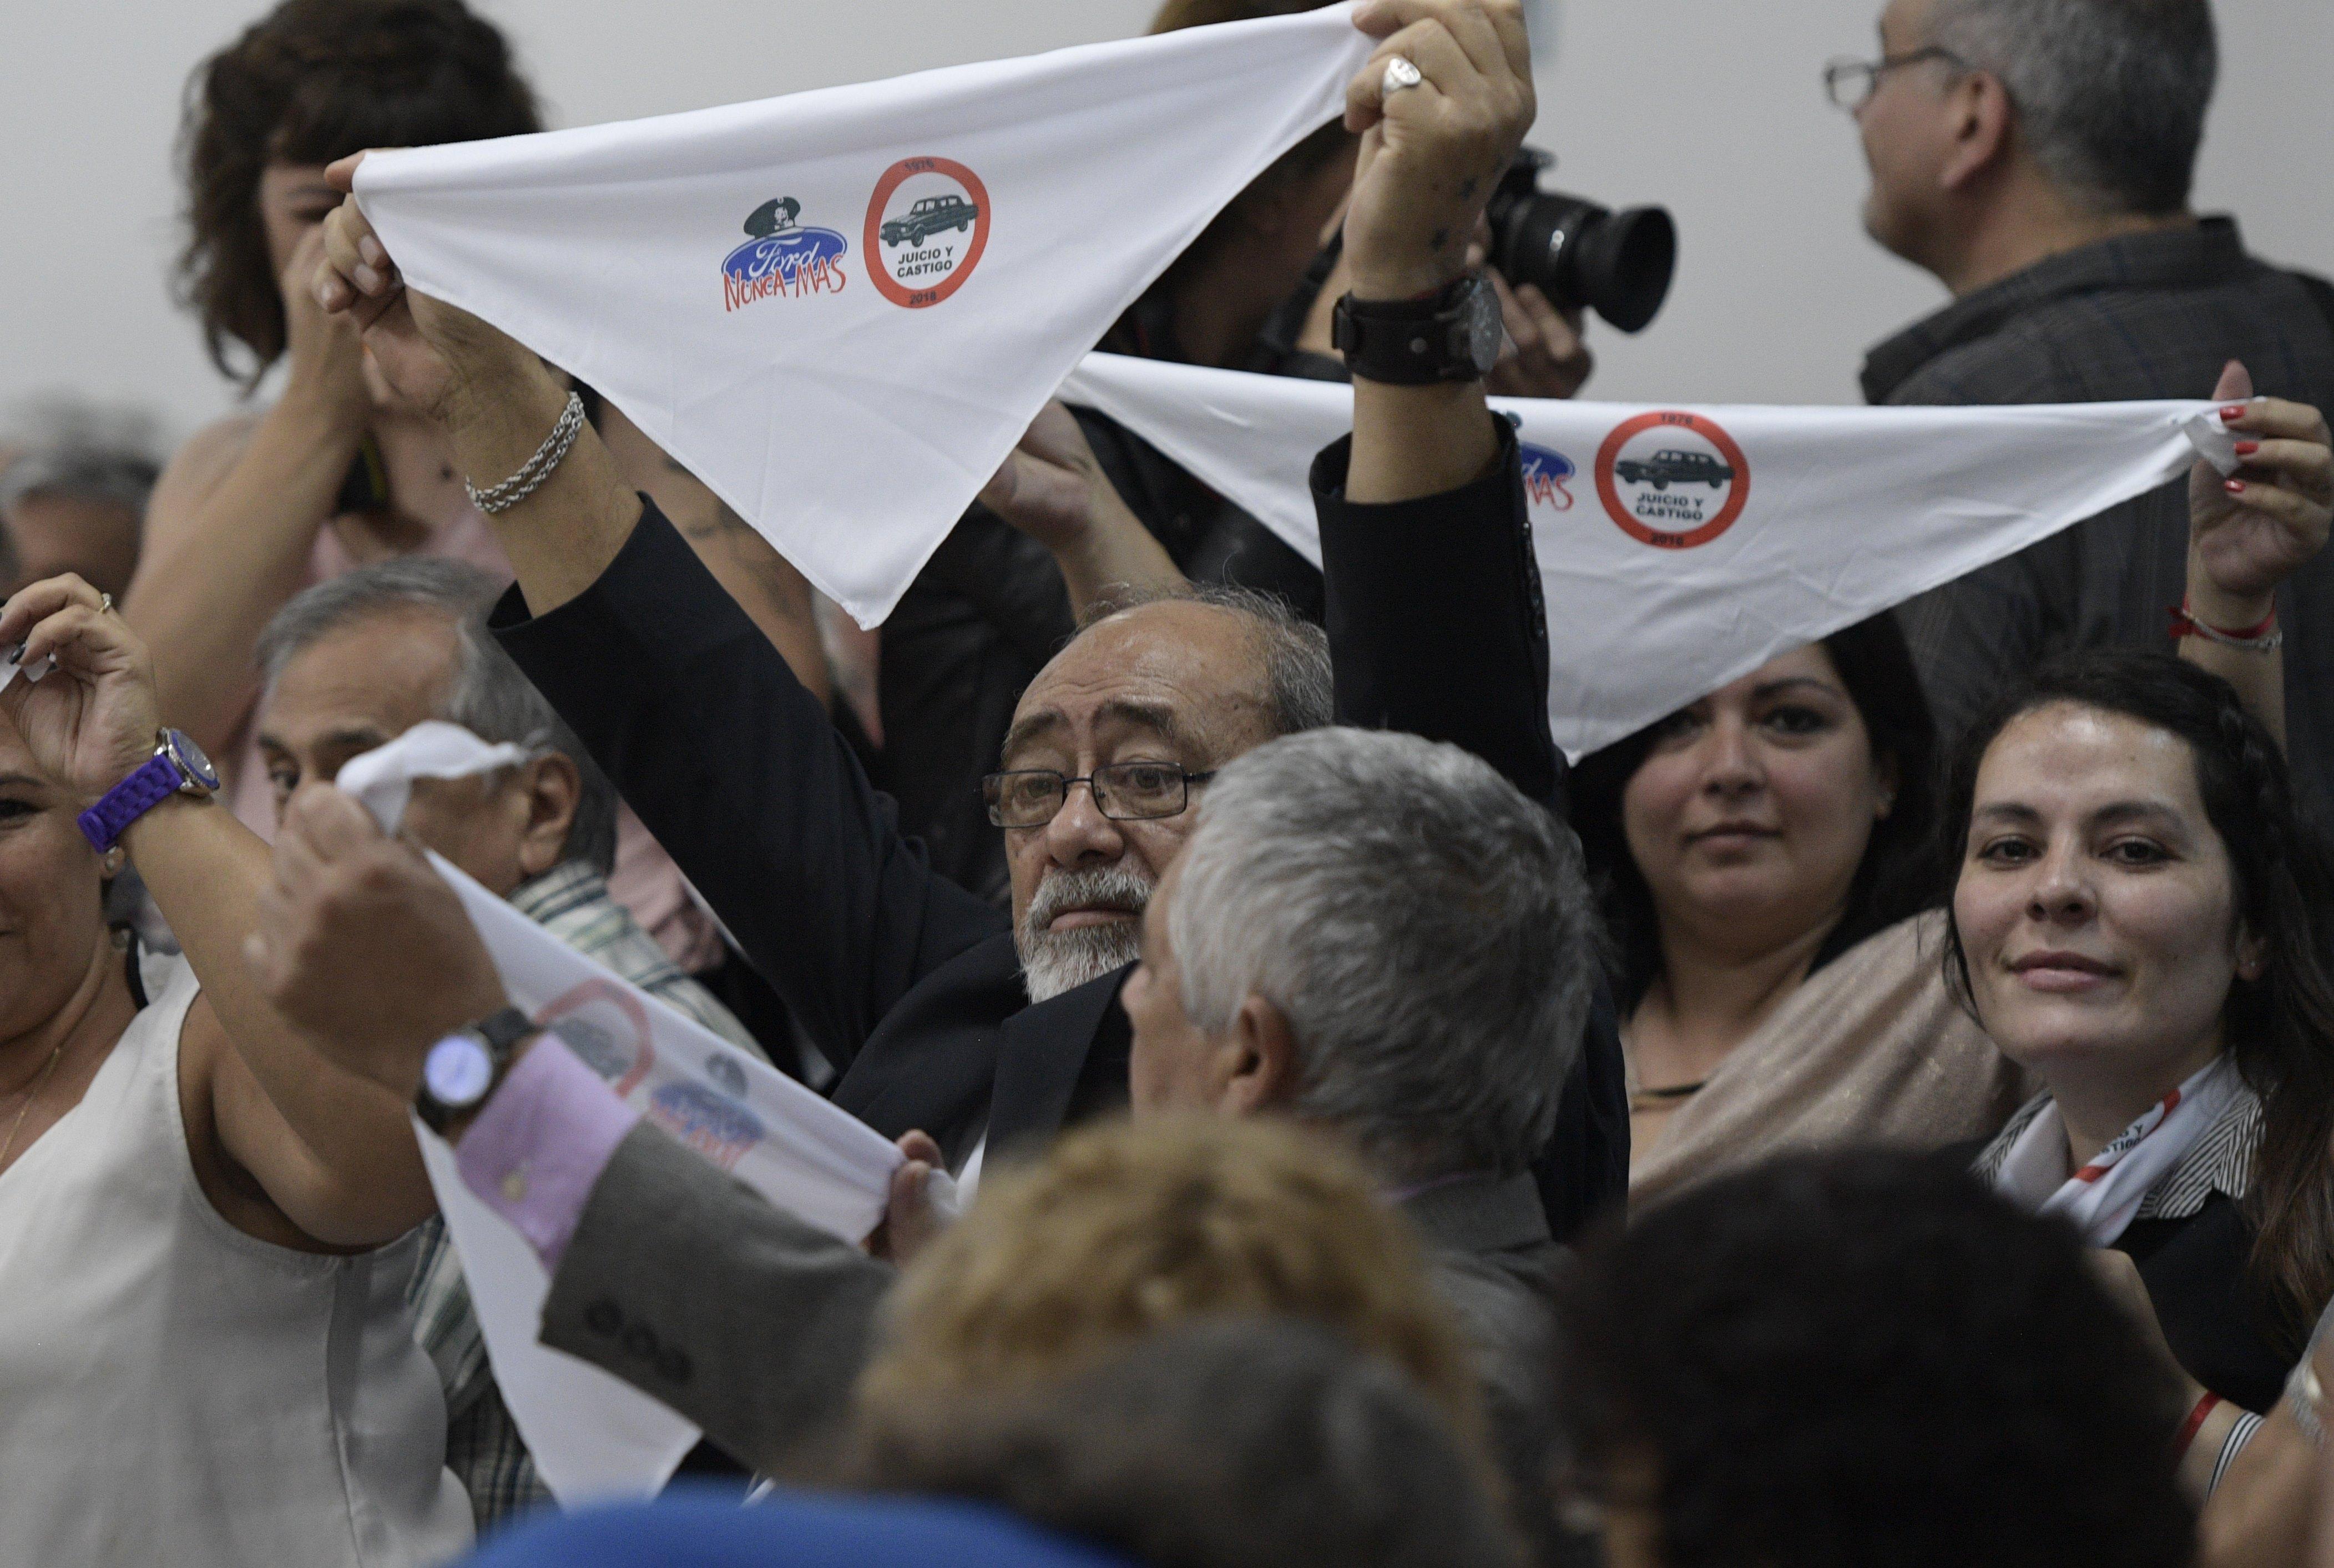 A Ford két volt vezetőjét ítélték el Argentínában kínzás és emberrablás miatt